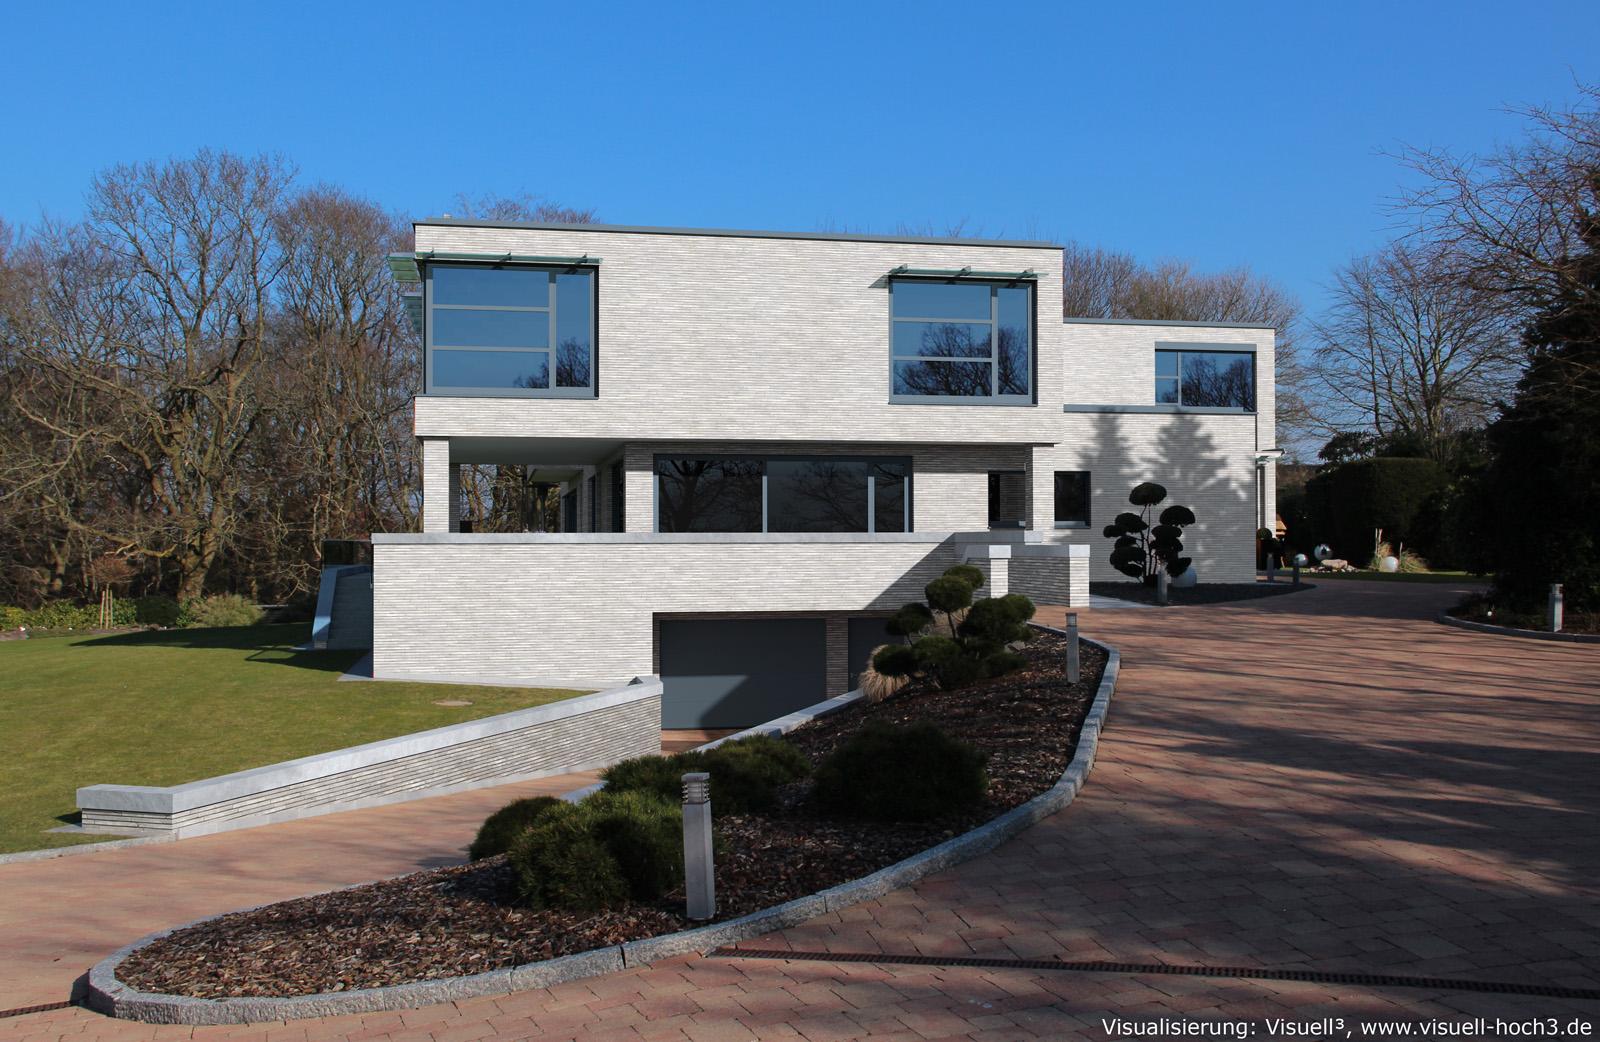 Architekturvisualisierung und produktvisualisierung projektauswahl seite 3 von 4 - Architektur flensburg ...